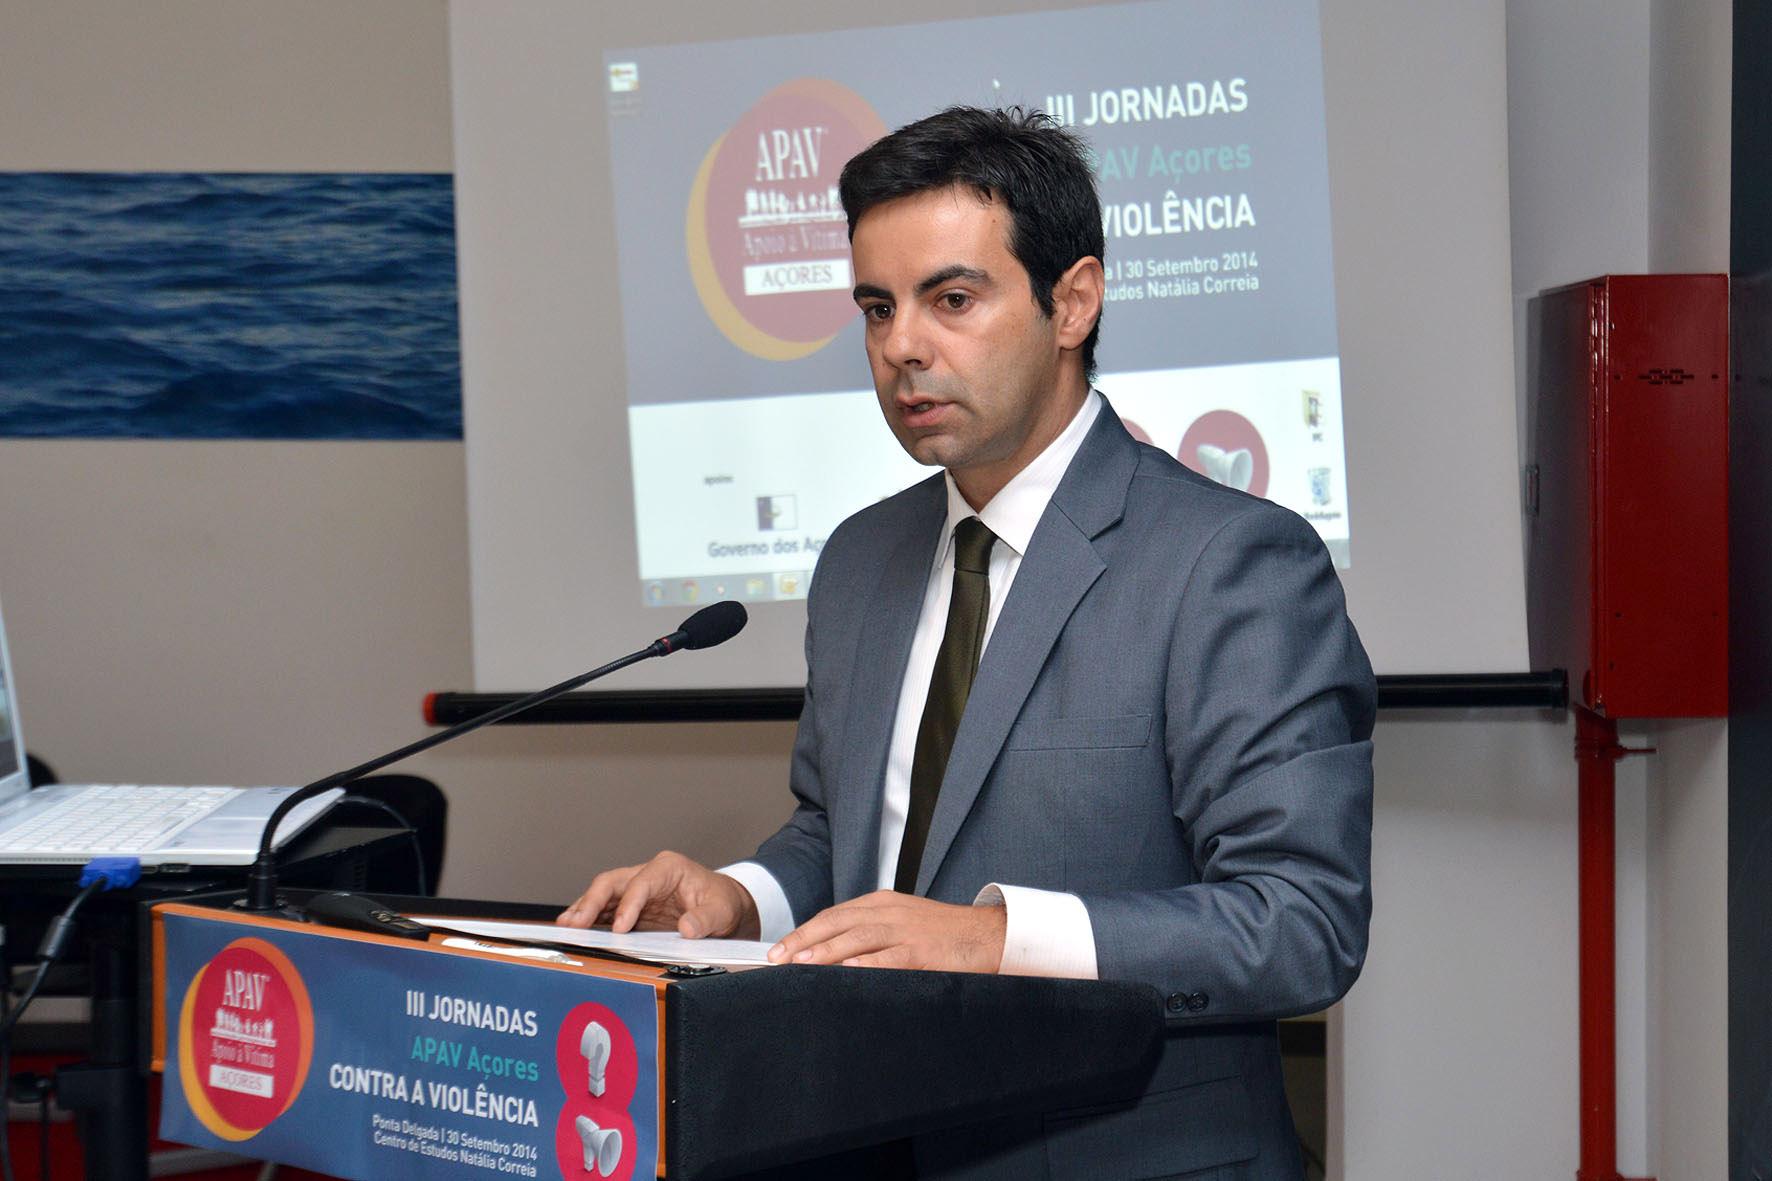 Aposta nas estratégias de combate à violência é para manter, assegura Frederico Furtado Sousa